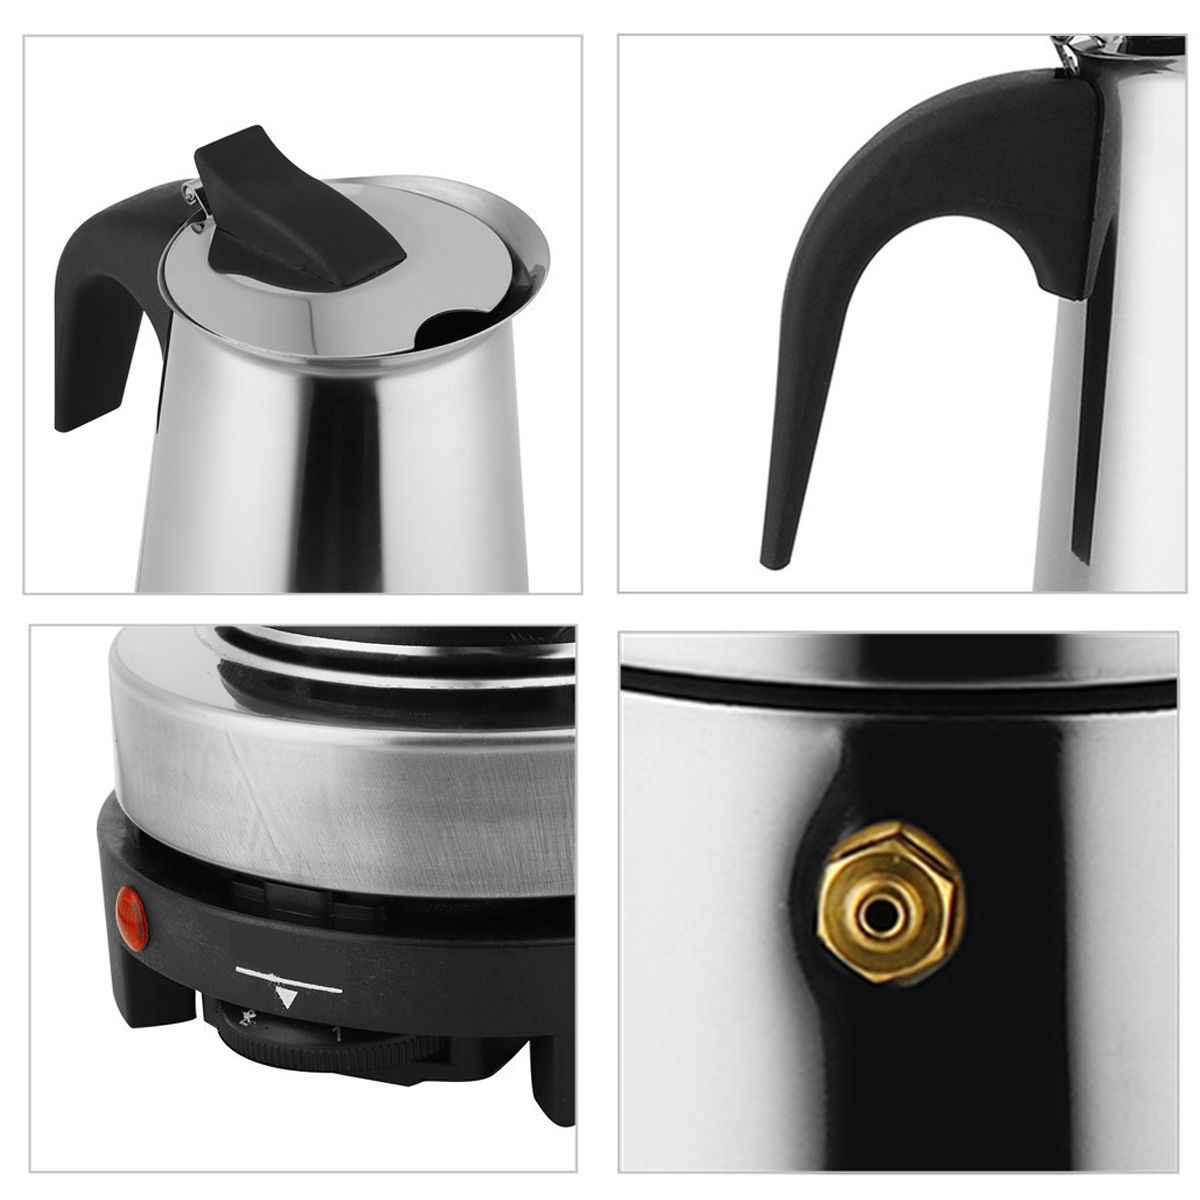 Кофеварка из нержавеющей стали с фильтром, 450 мл, 9 чашек